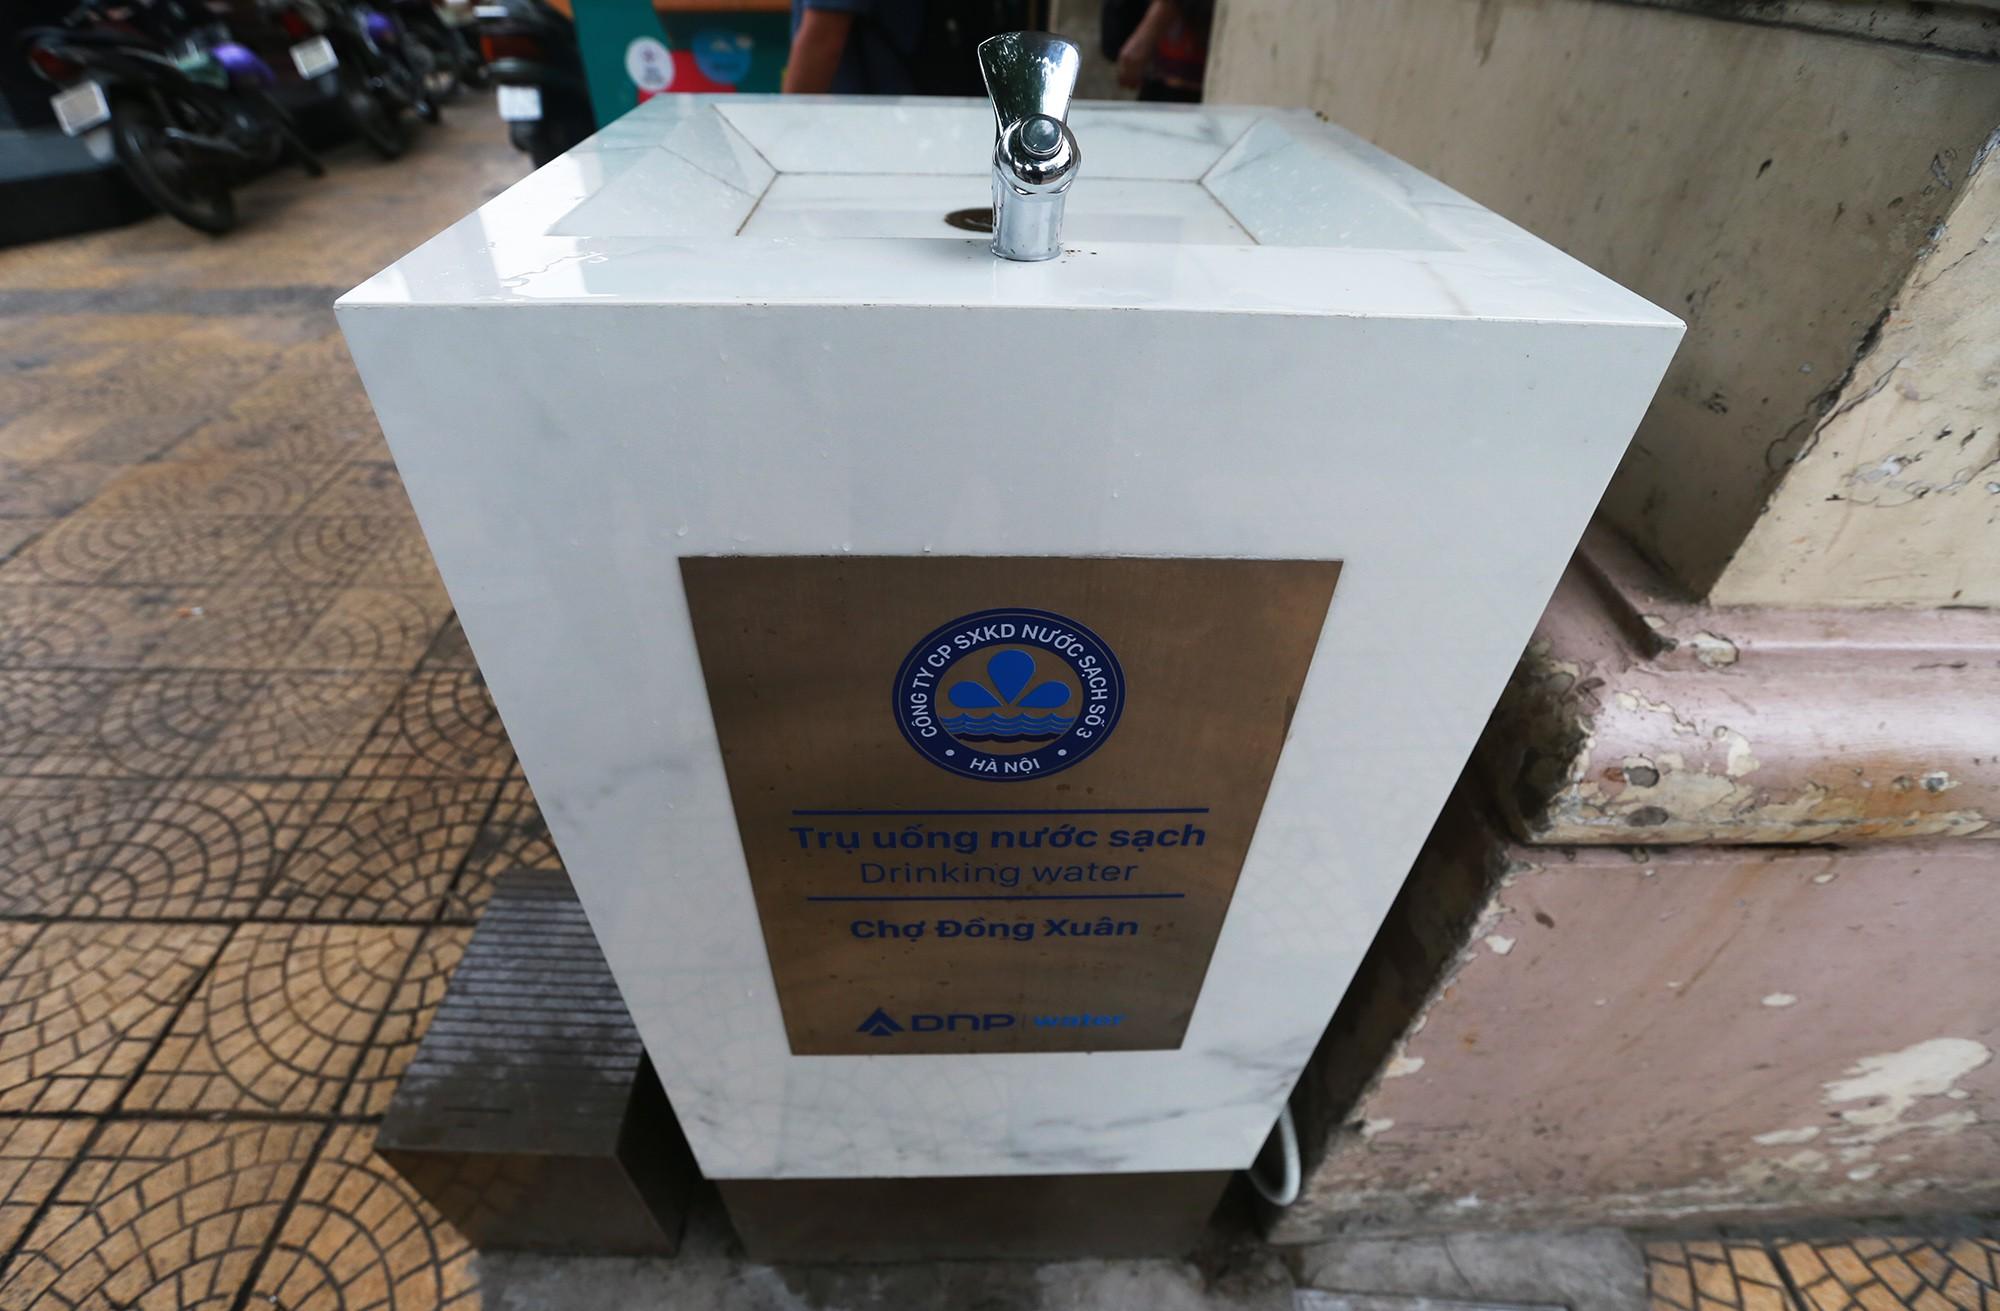 Học sinh, người lao động thích thú khi được uống nước sạch miễn phí trên đường phố Hà Nội - Ảnh 4.